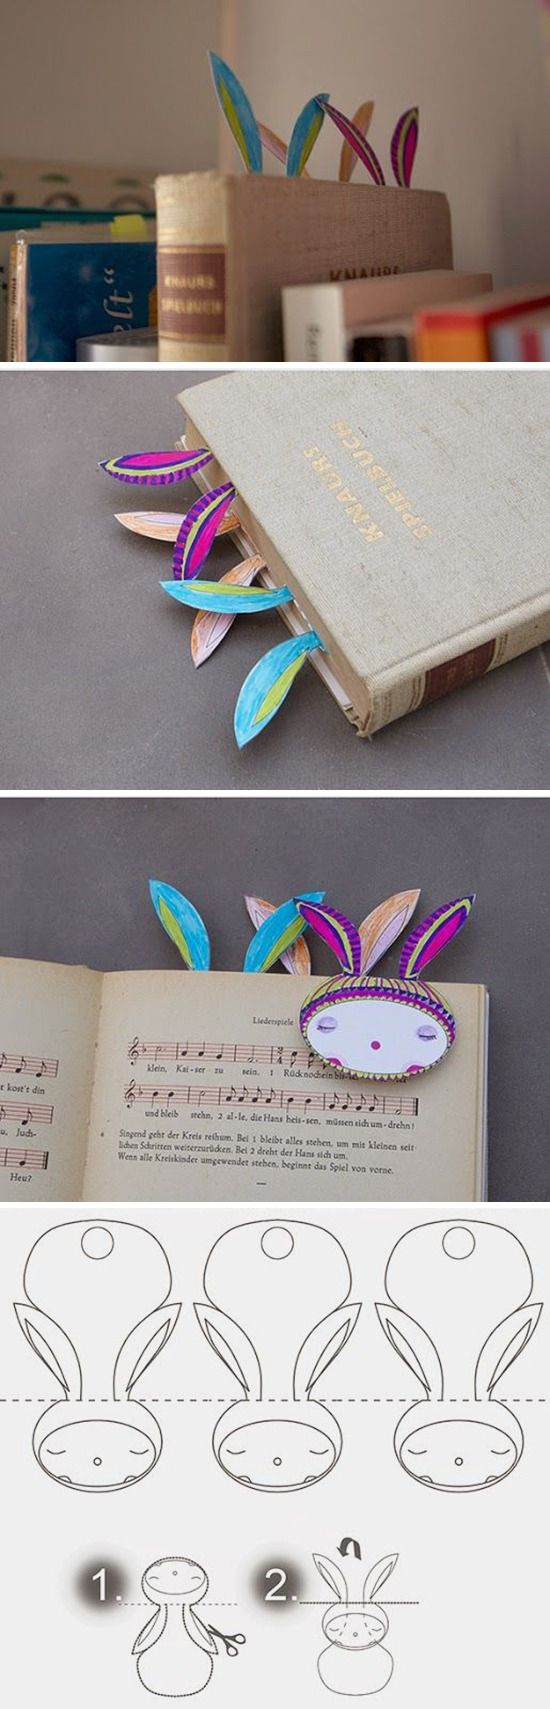 Paper bookmarks / Закладываем фундамент: 50 крутых книжных закладок, которые можно сделать самому - Ярмарка Мастеров - ручная работа, handmade